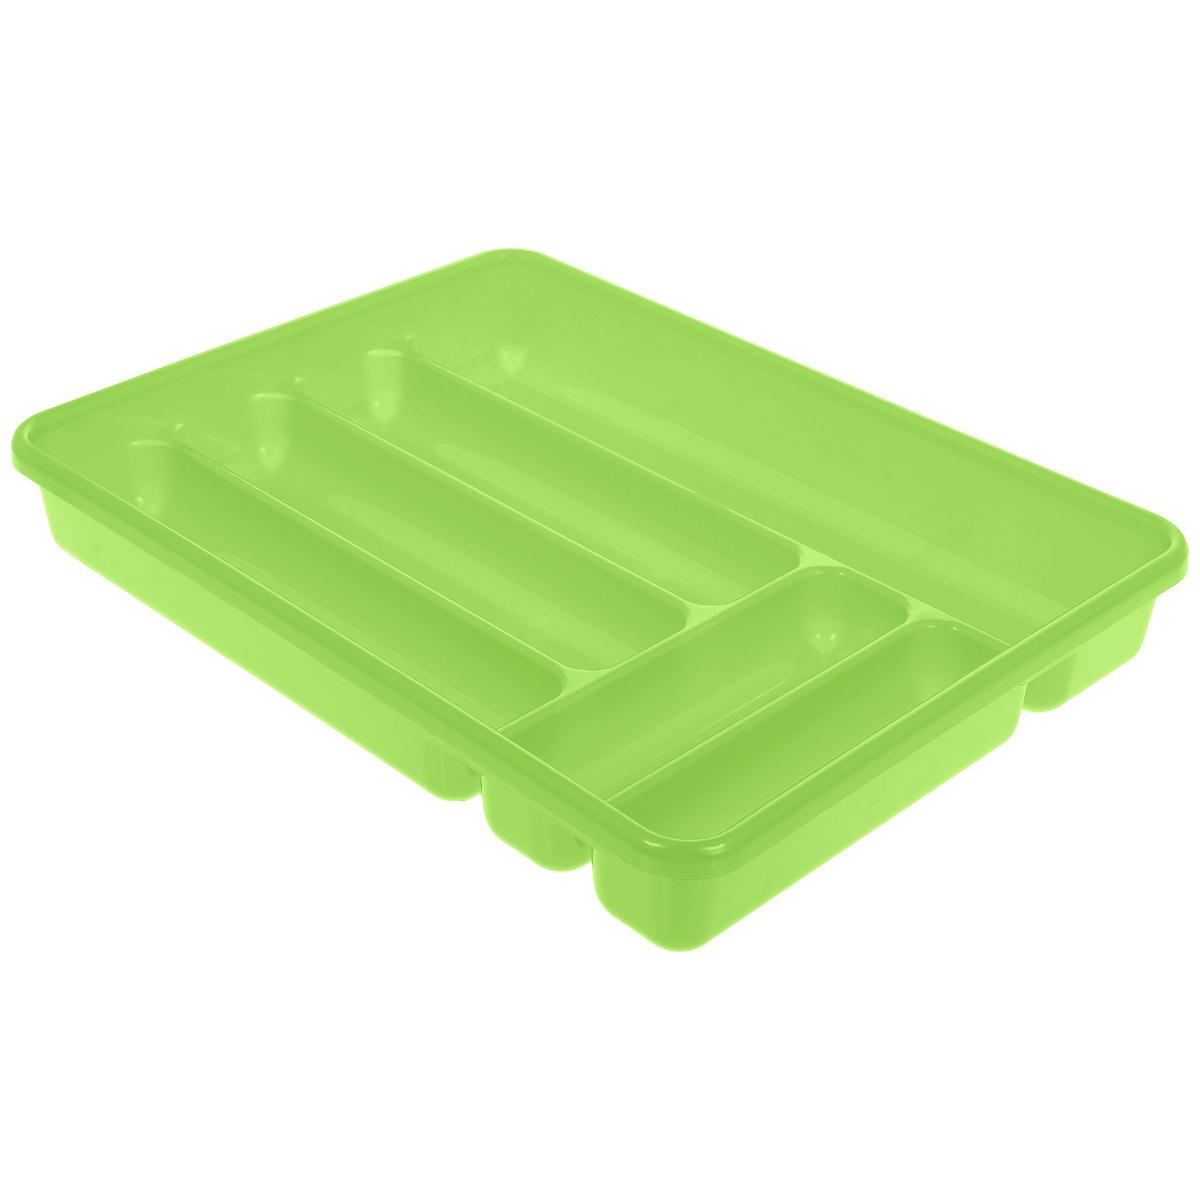 Лоток для столовых приборов Cosmoplast, цвет: салатовый, 6 отделений2142 салатовыйЛоток для столовых приборов Cosmoplast изготовлен из высококачественного пищевого пластика. Он предназначен для выдвигающихся ящиков на кухне. Лоток имеет шесть отделений: три отделения для вилок, ложек, ножей, два малых отделения для чайных ложек и десертных вилок, одно большое отделение для остальных приборов.Размер большого отделения: 38,5 см х 8 см.Размер средних отделений: 27 см х 6,5 см.Размер маленьких отделений: 20 см х 5 см.